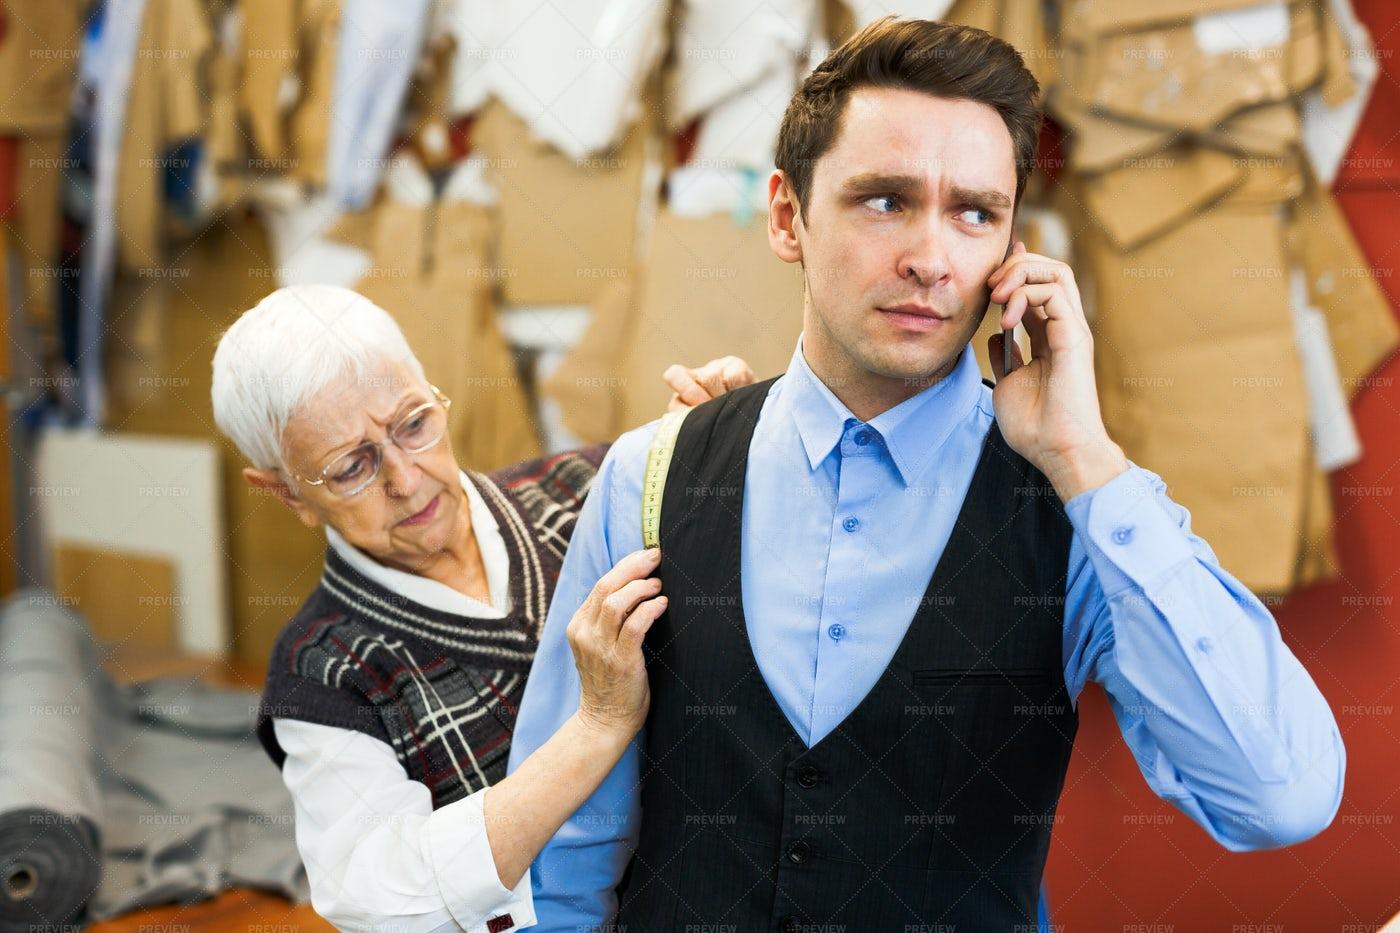 Tailoring Service: Stock Photos